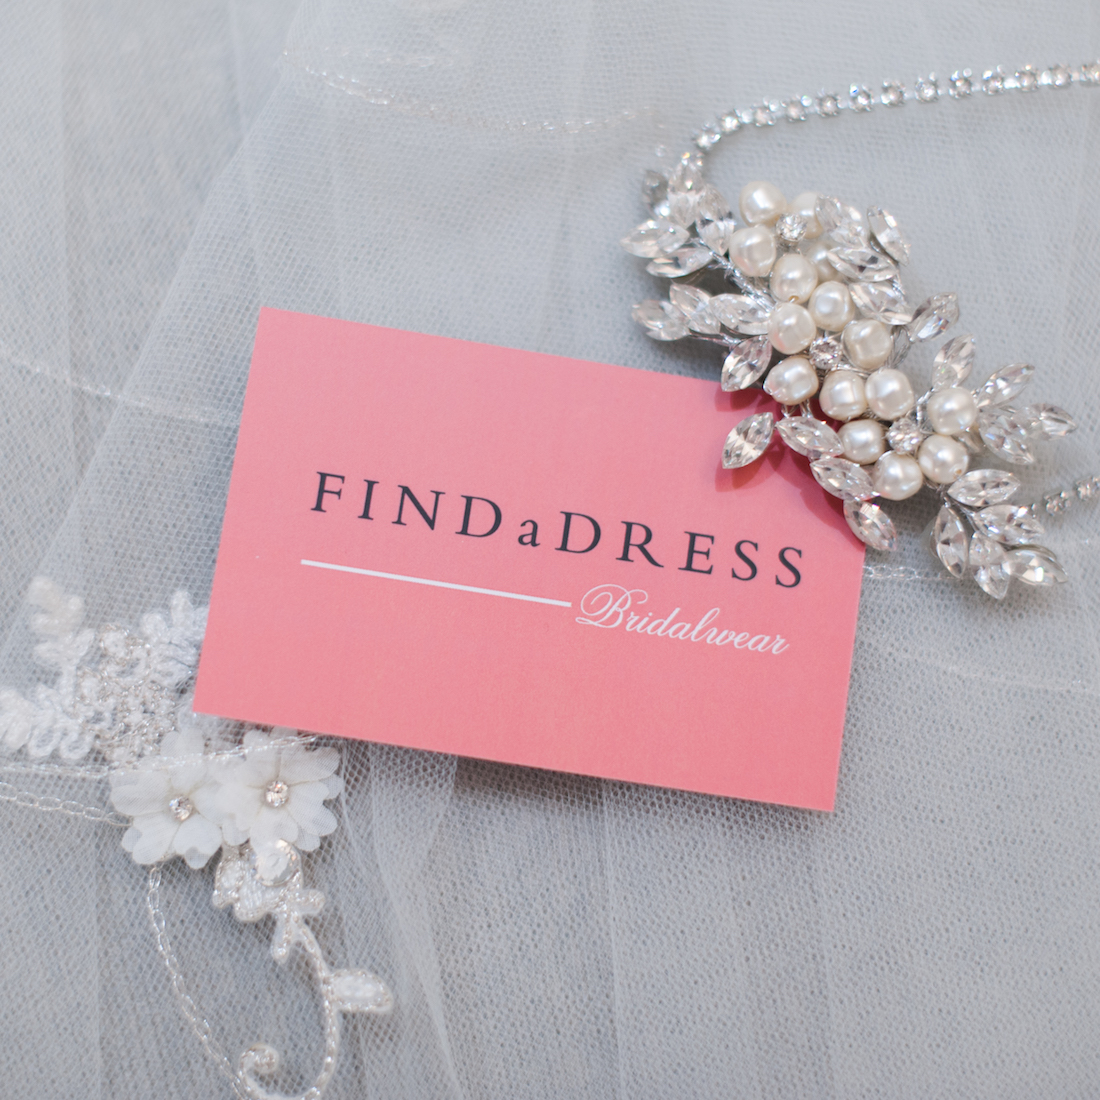 find a dress bridalwear chippenham.jpg